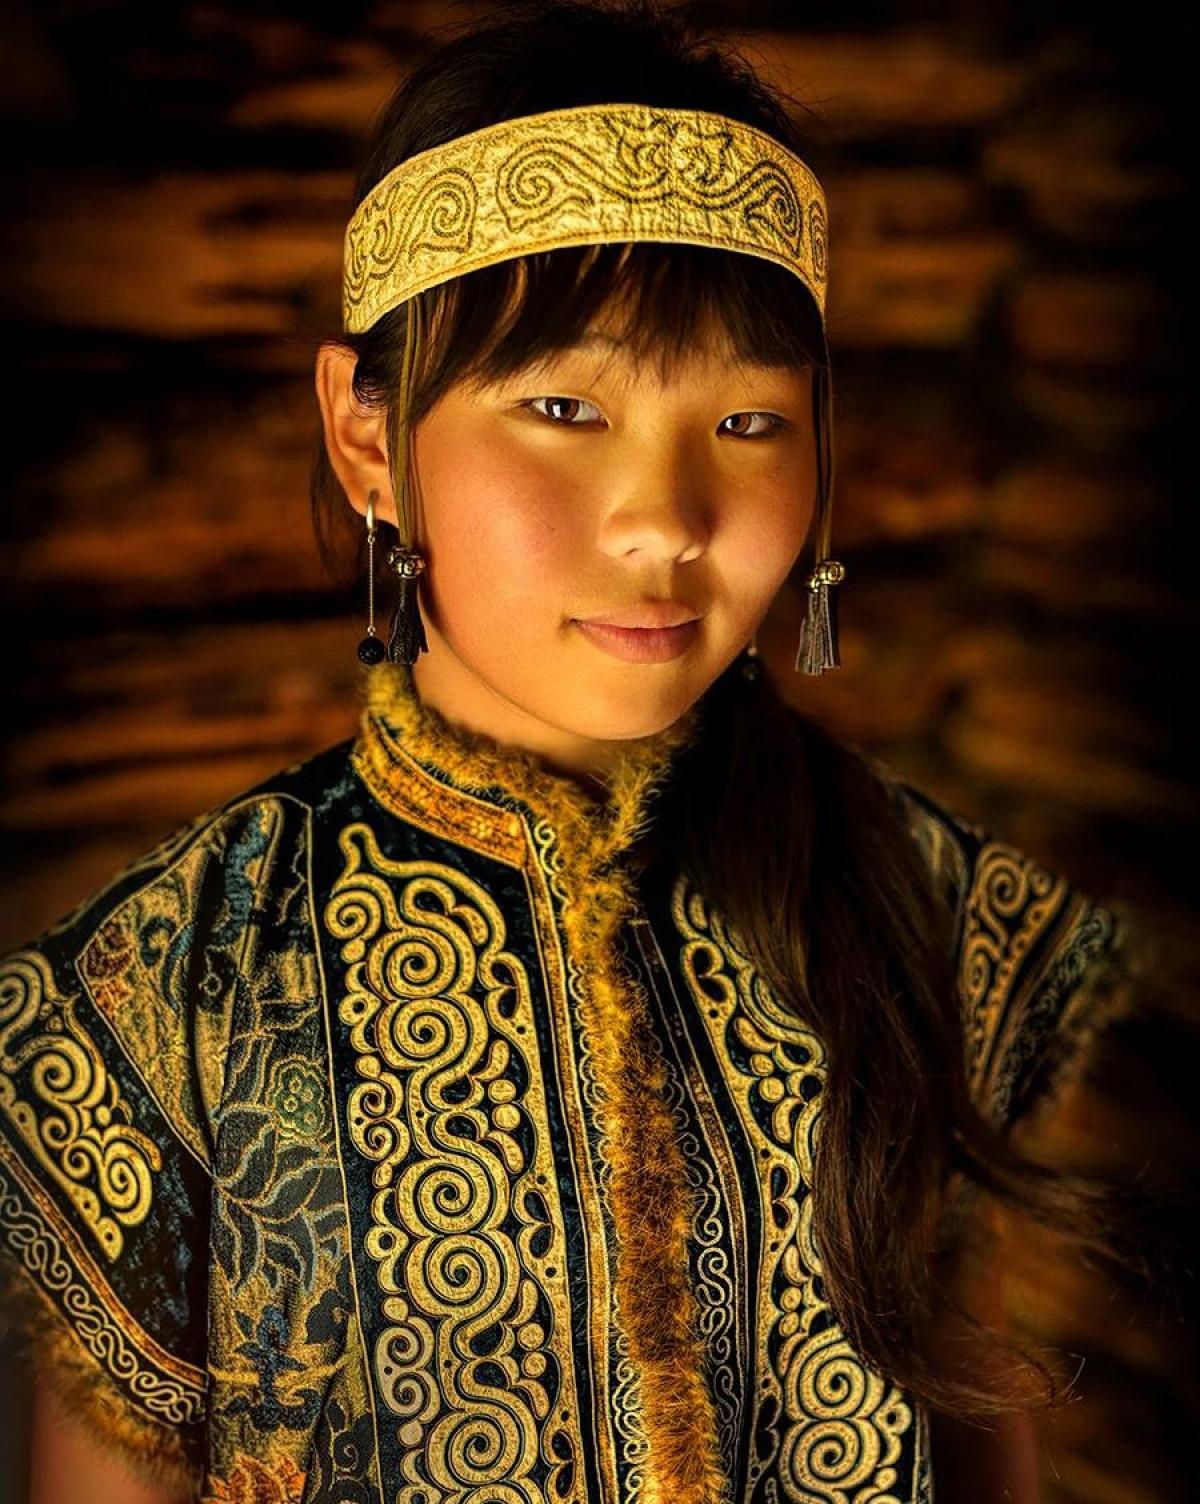 Thiếu nữ Nivkh với má hồng, có những nét kiểu Mông Cổ.